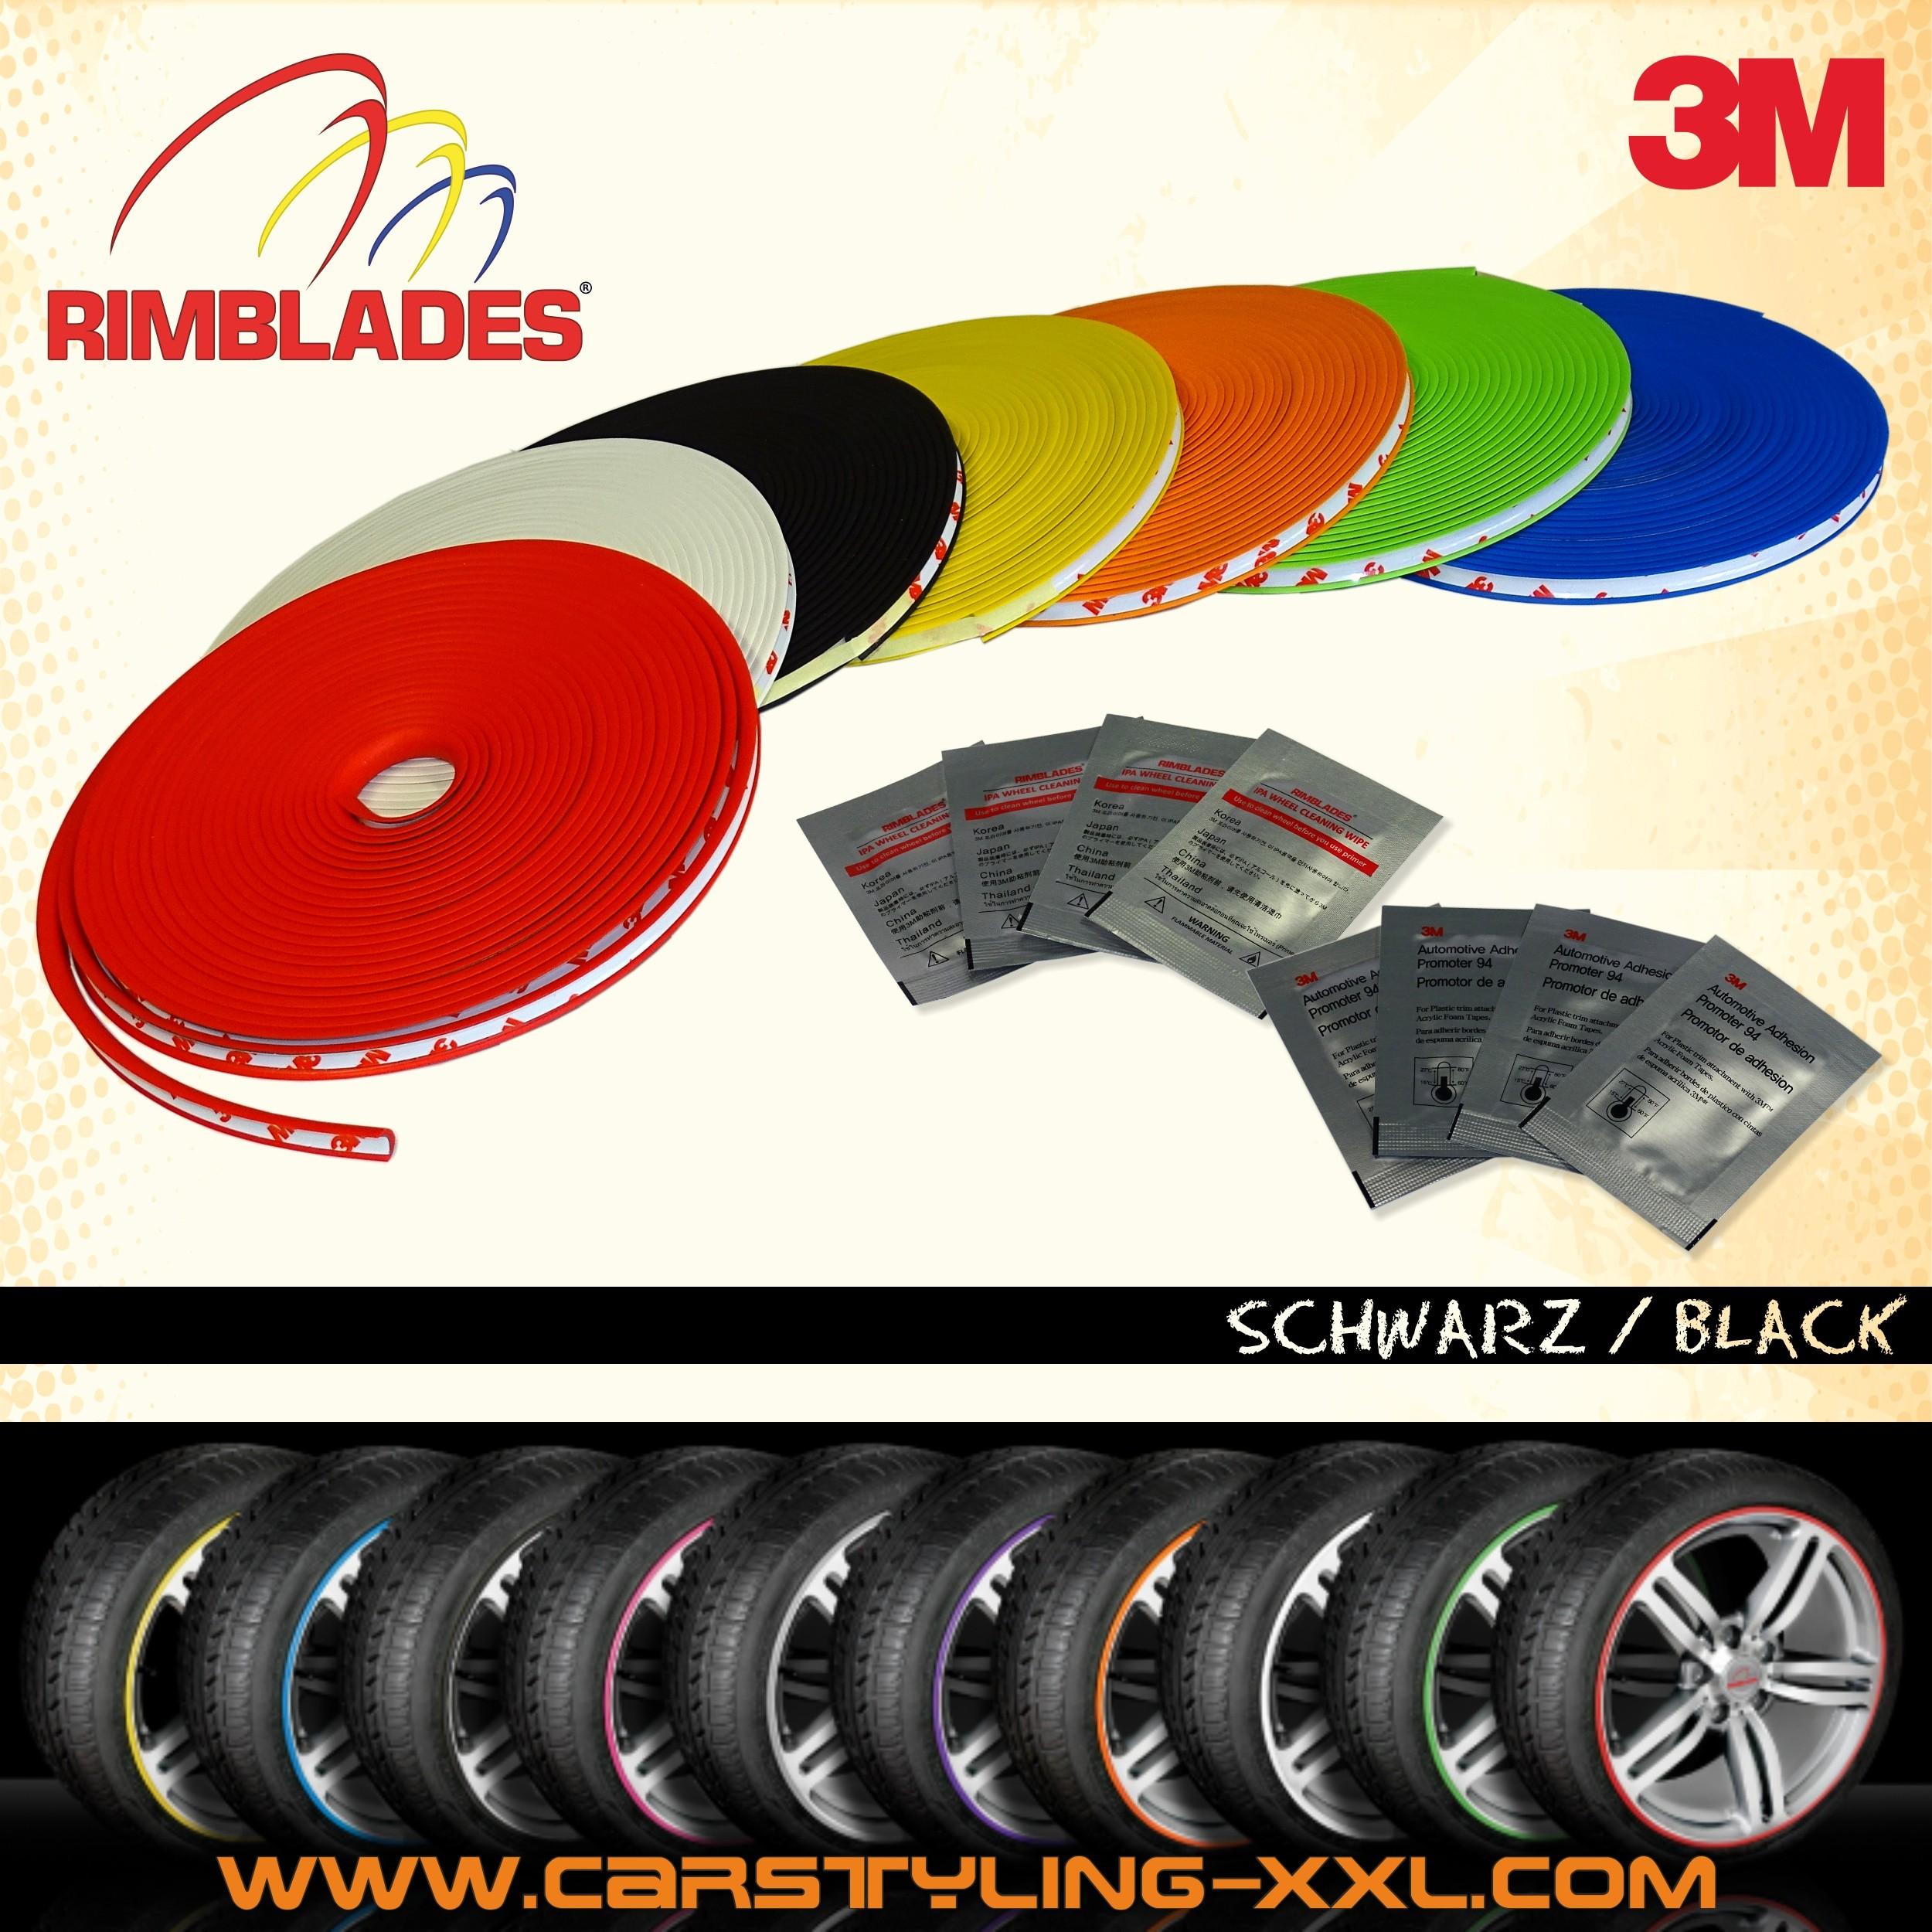 NEU - Rimblades mit 3M Kleber - Singlepackung - Farbe: schwarz - Premium Felgenschutz und Styling für Alufelgen bis 22'' 001